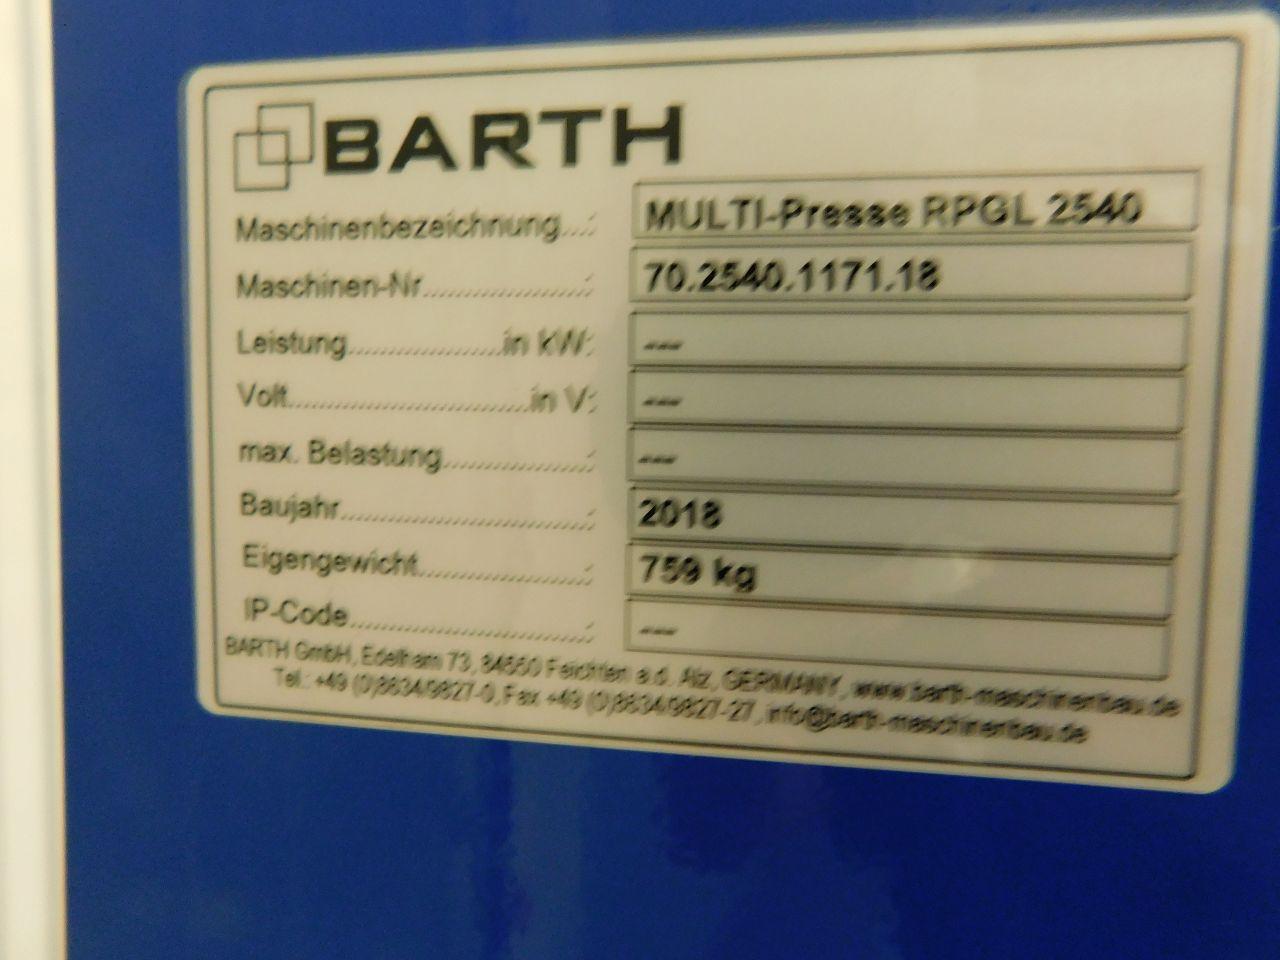 Multi Presse Barth   4 .JPGMulti Presse Barth   4